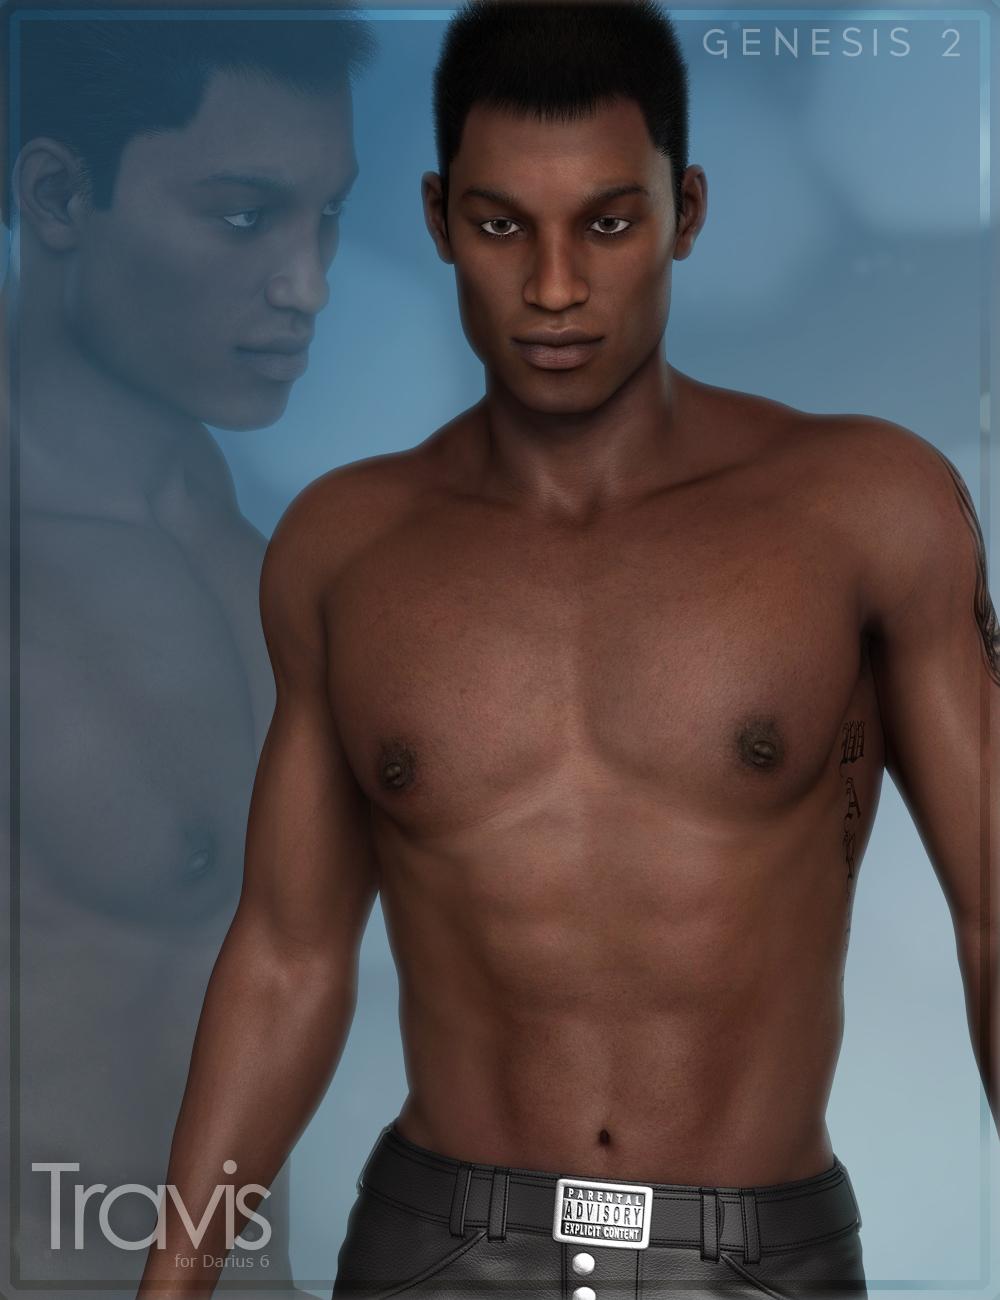 FW Travis for Darius 6 by: Fisty & DarcFred Winkler Art, 3D Models by Daz 3D